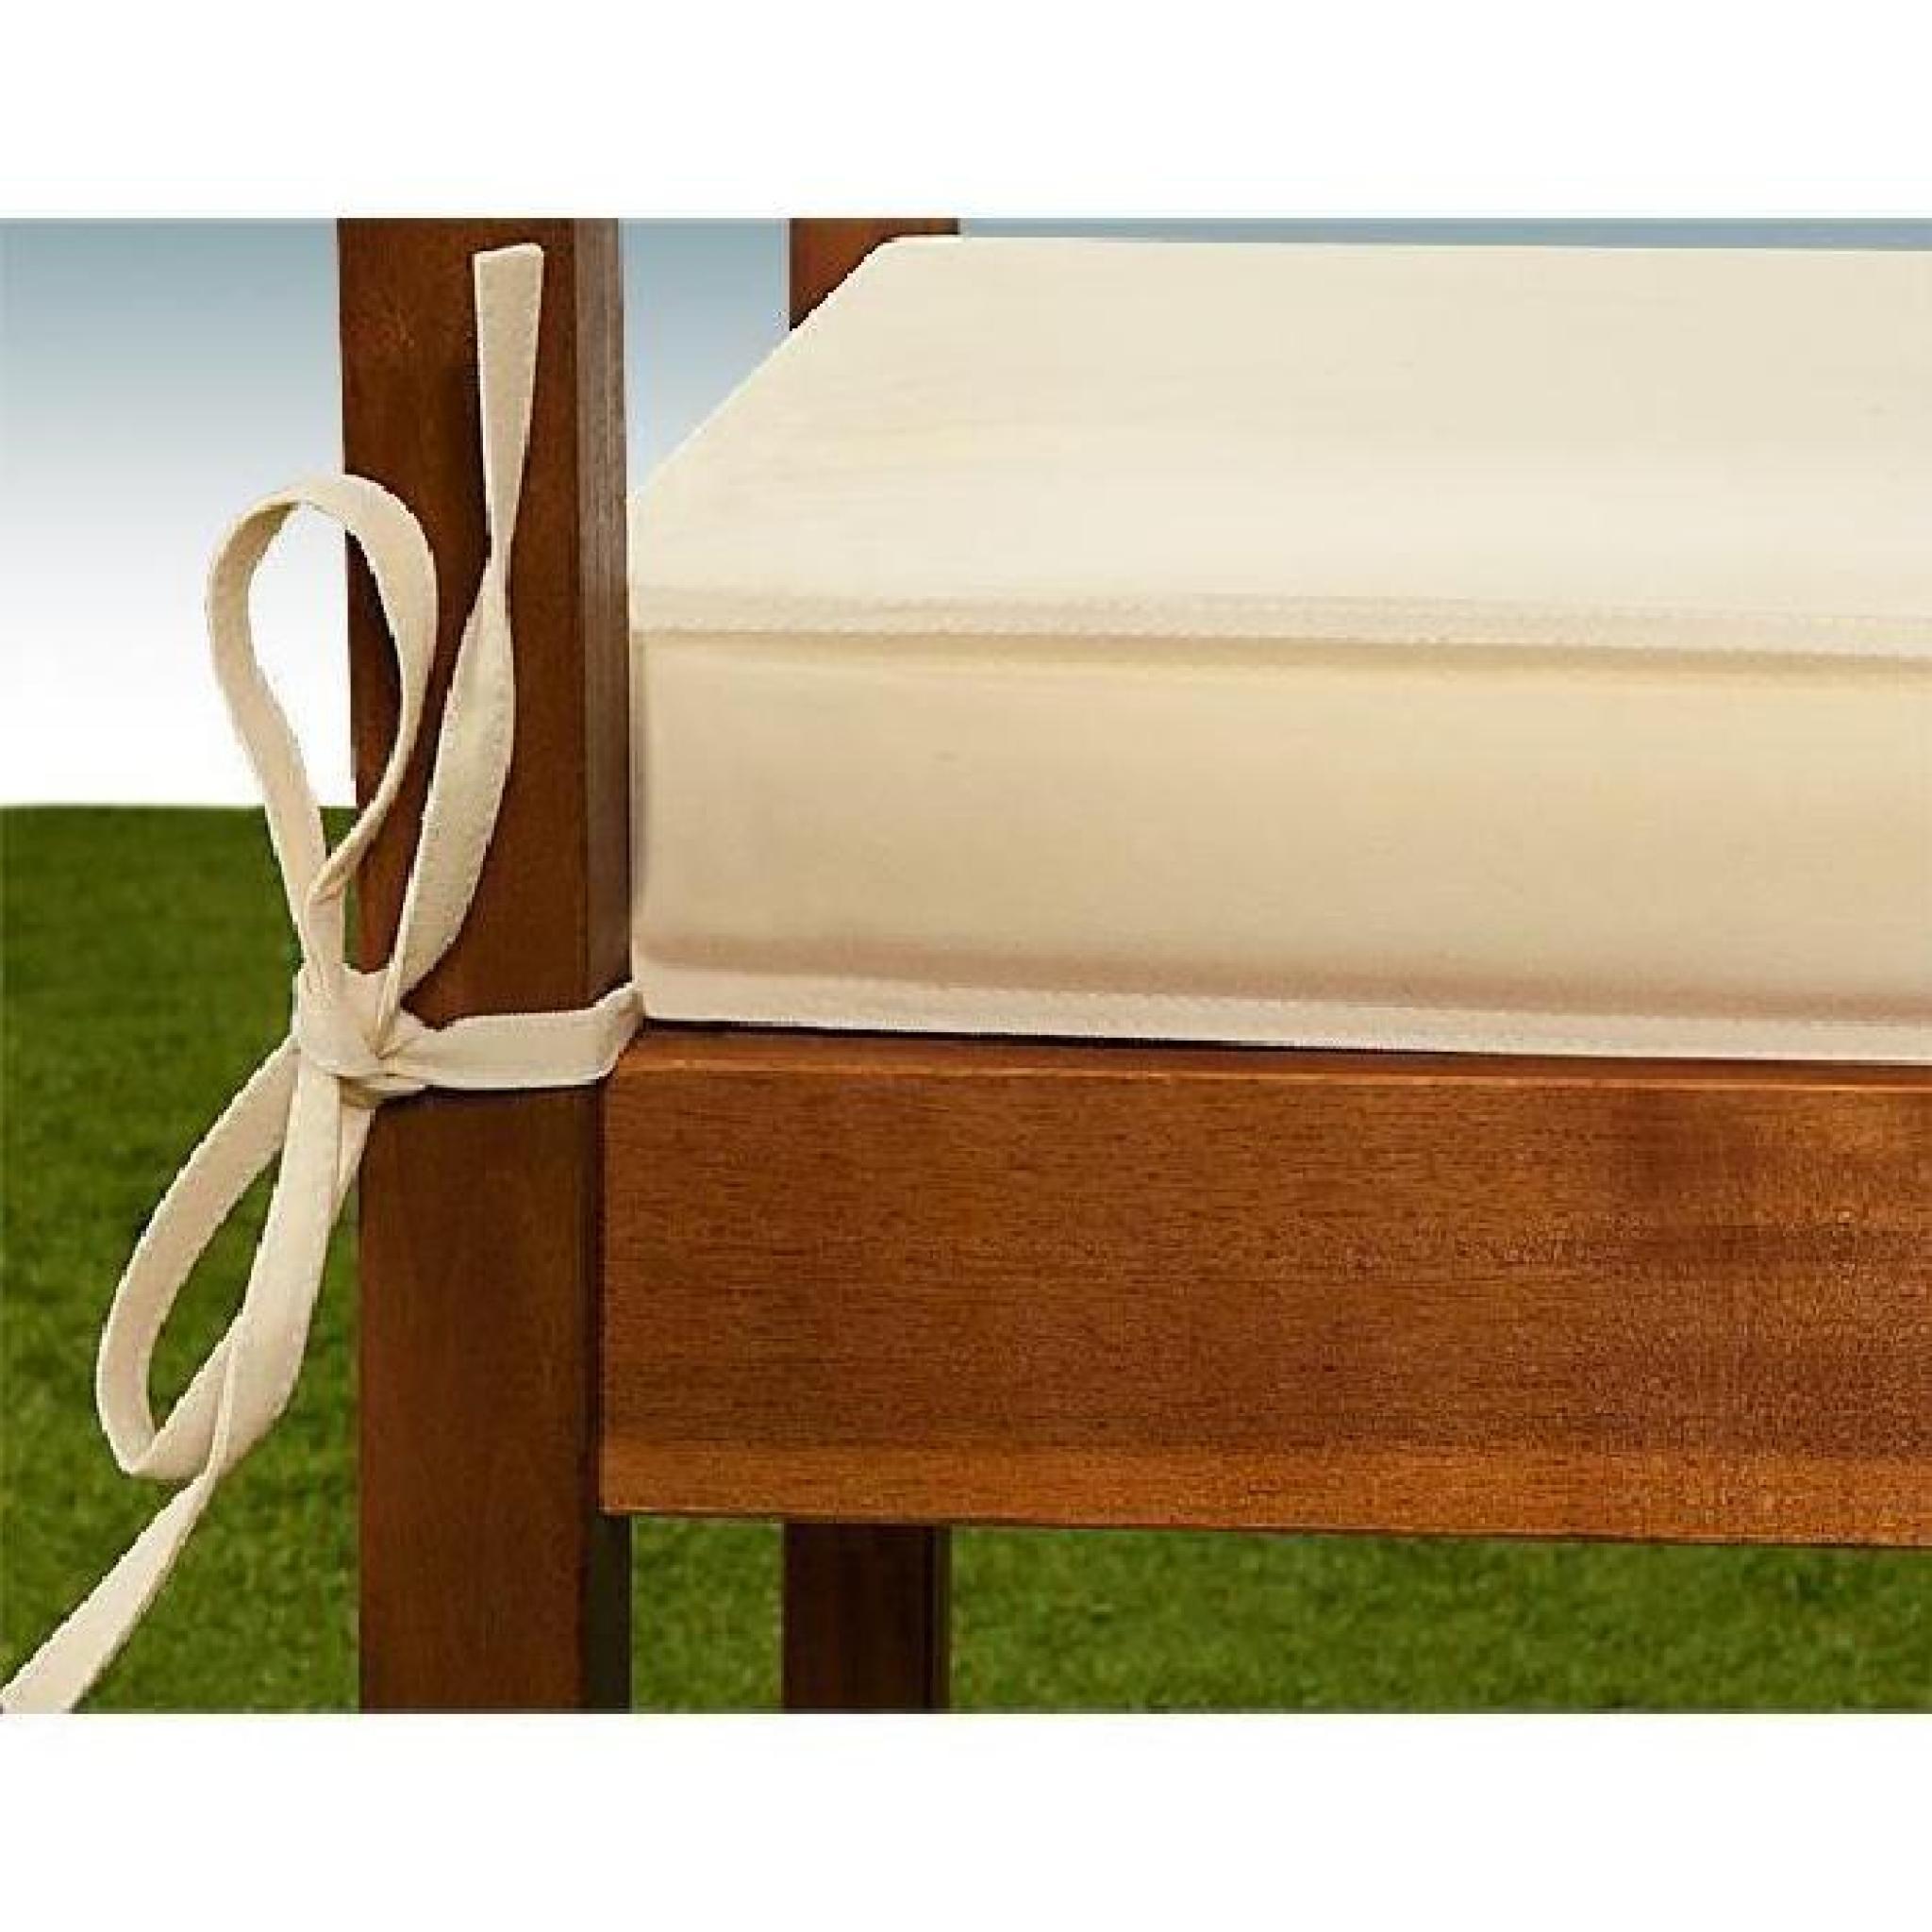 coussin pour banc cr me assise banc 110x45 cm achat vente coussin chaise de jardin pas cher. Black Bedroom Furniture Sets. Home Design Ideas